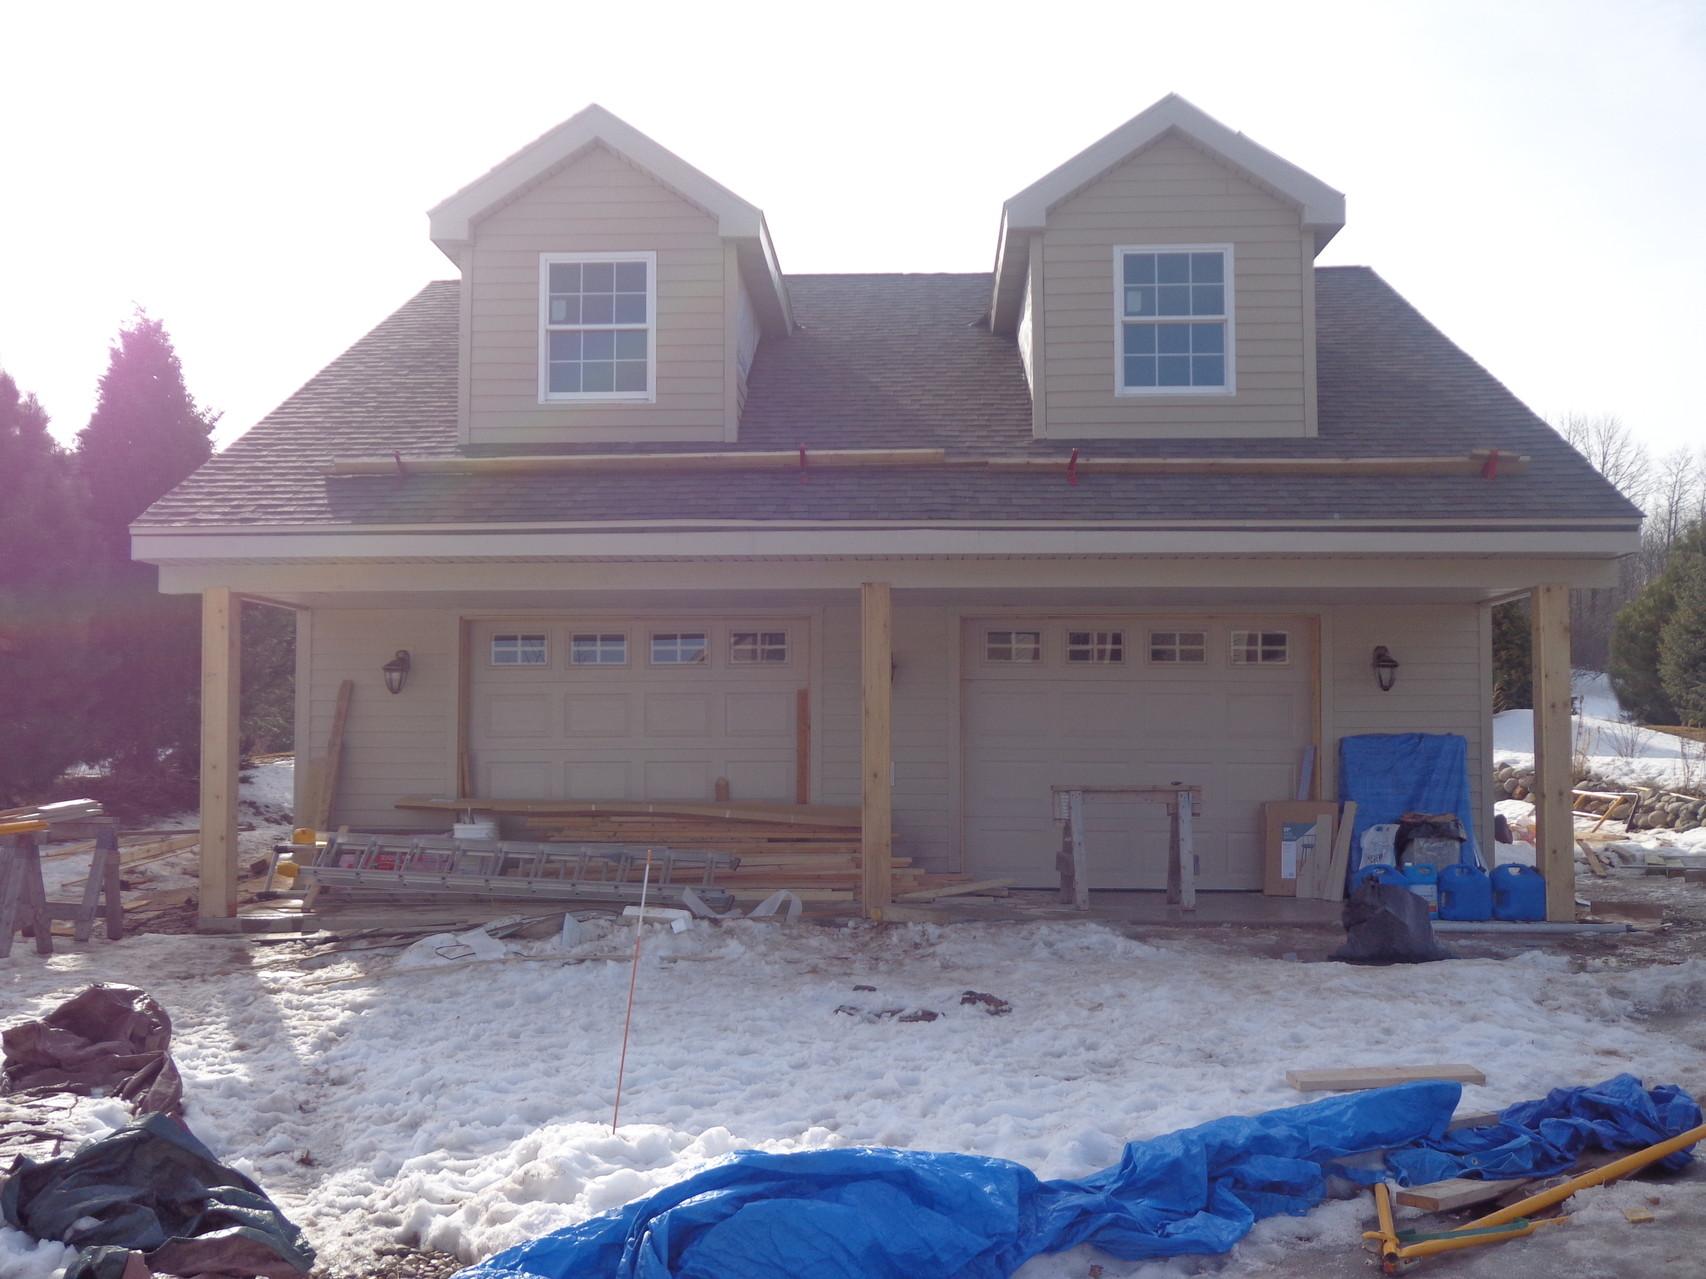 Saukville garage, 2013-2014